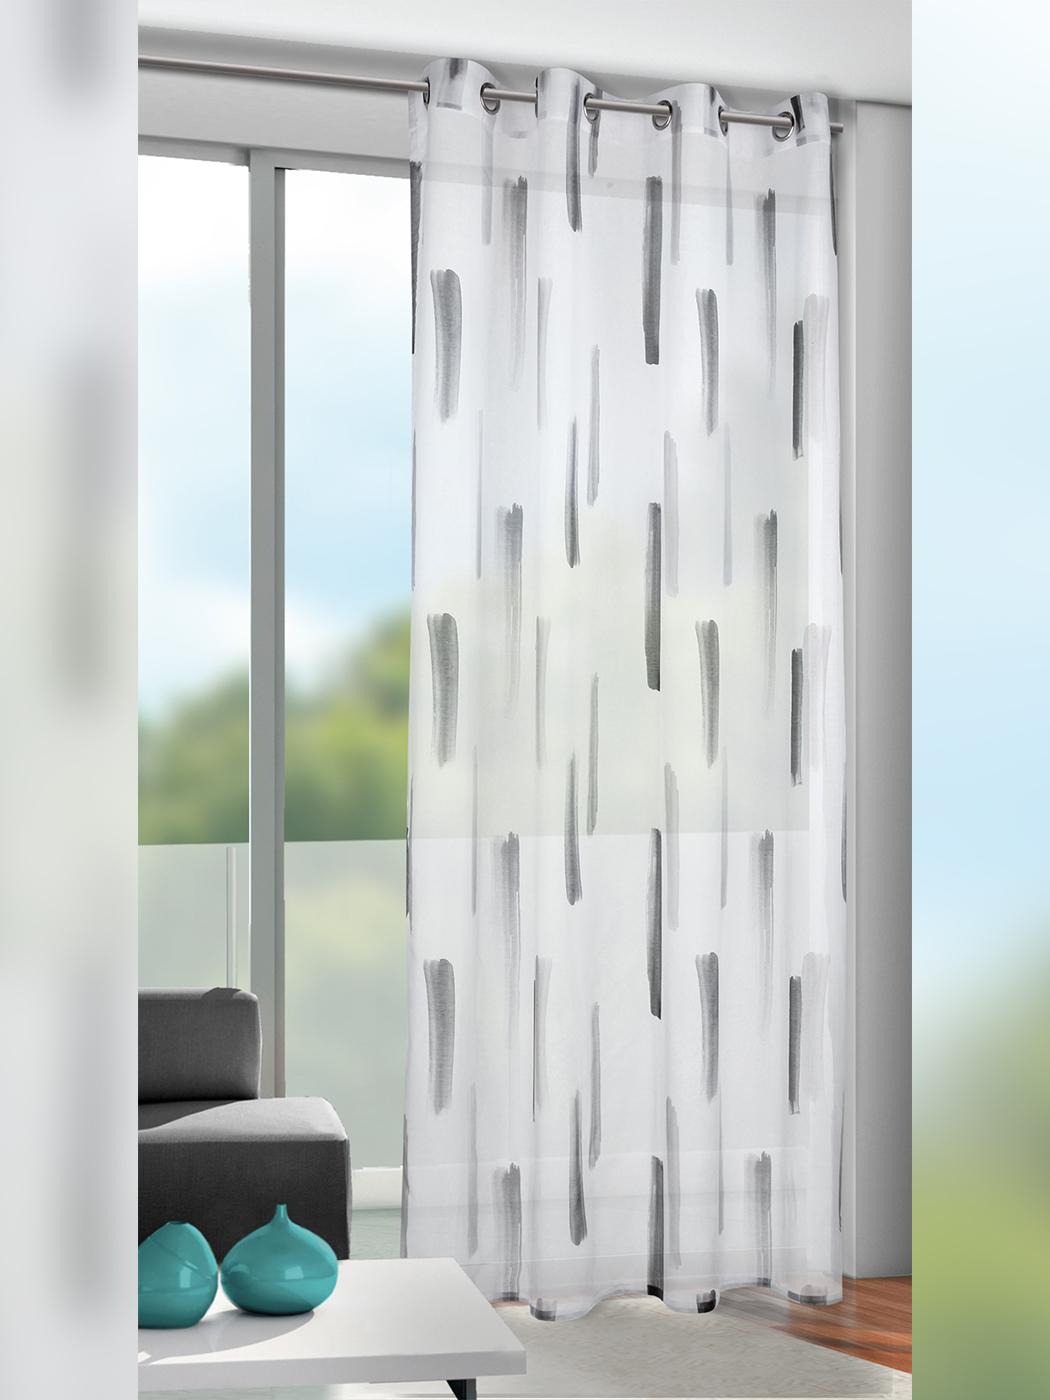 Full Size of Gardinen Modern Moderne Mit Wei Grau Schwarz Outlet Küche Weiss Wohnzimmer Bilder Landhausküche Fenster Modernes Sofa Schlafzimmer Deckenleuchte Wohnzimmer Gardinen Modern